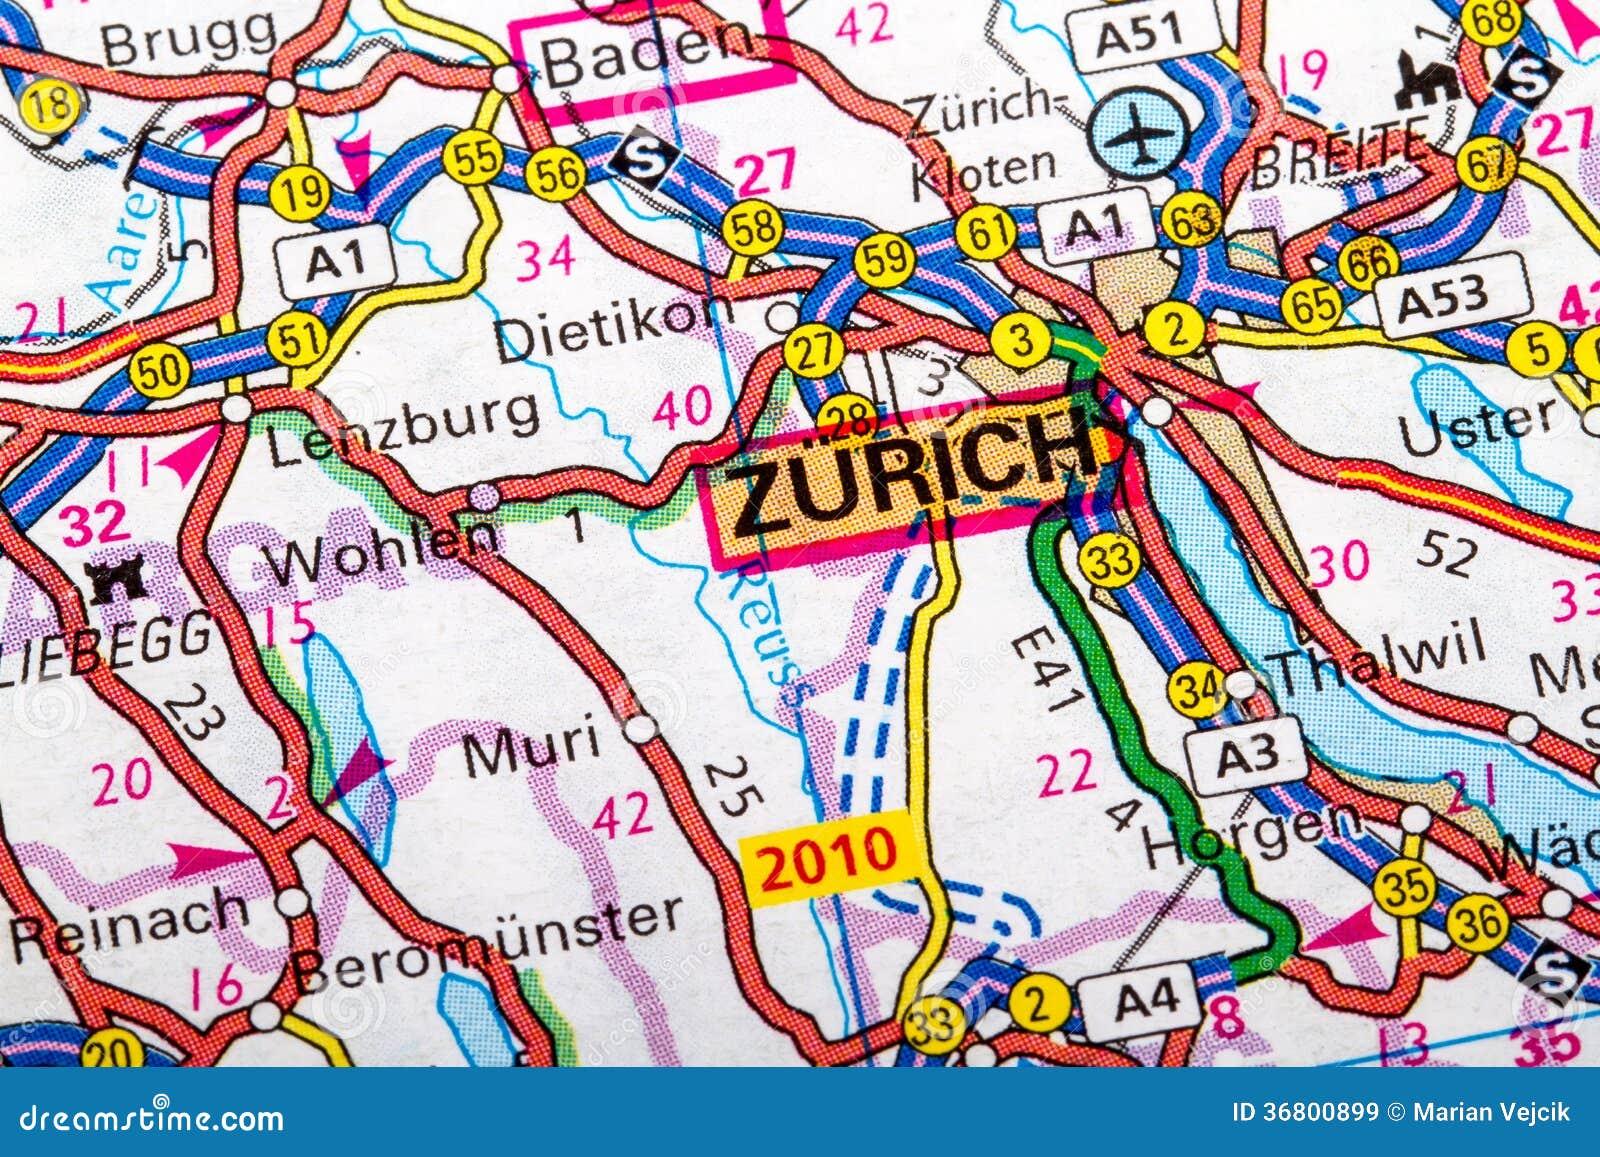 Aeroporto Zurigo Mappa : Mappa di zurigo immagine stock festa corsa